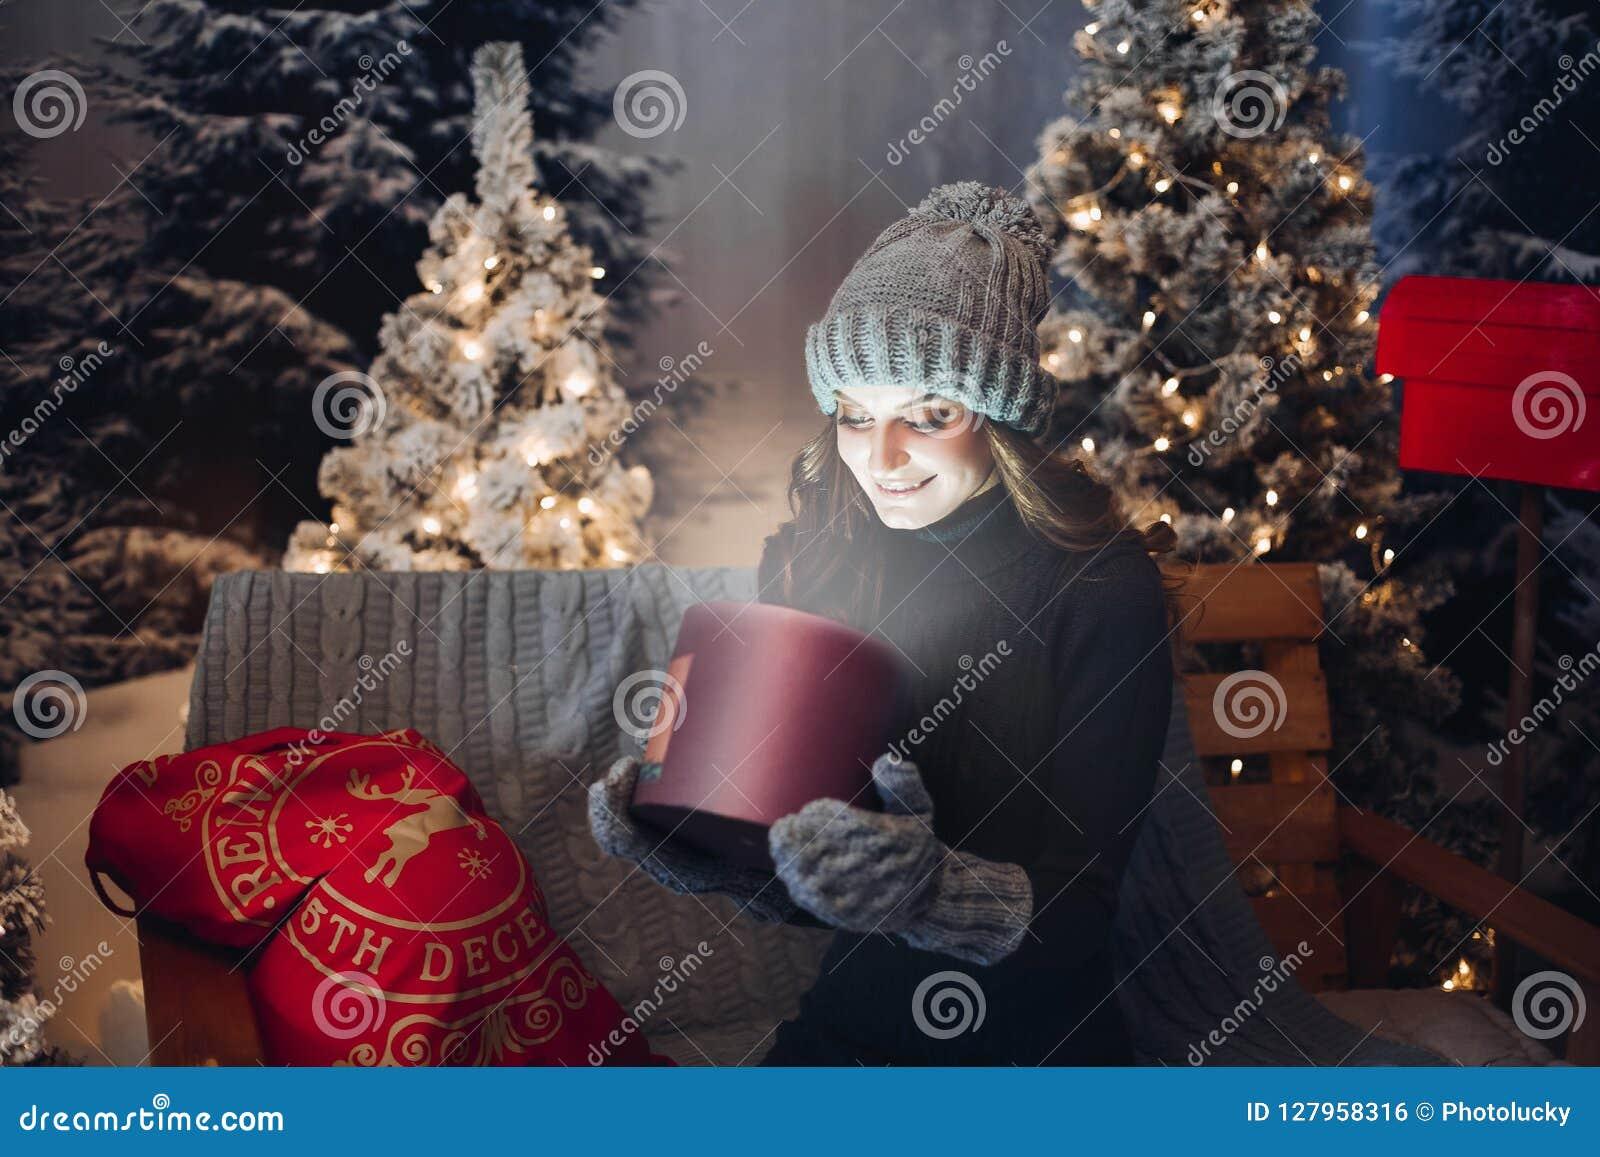 Όμορφο κορίτσι που ανοίγει το μαγικό κιβώτιο με το παρόν στη νύχτα Χριστουγέννων